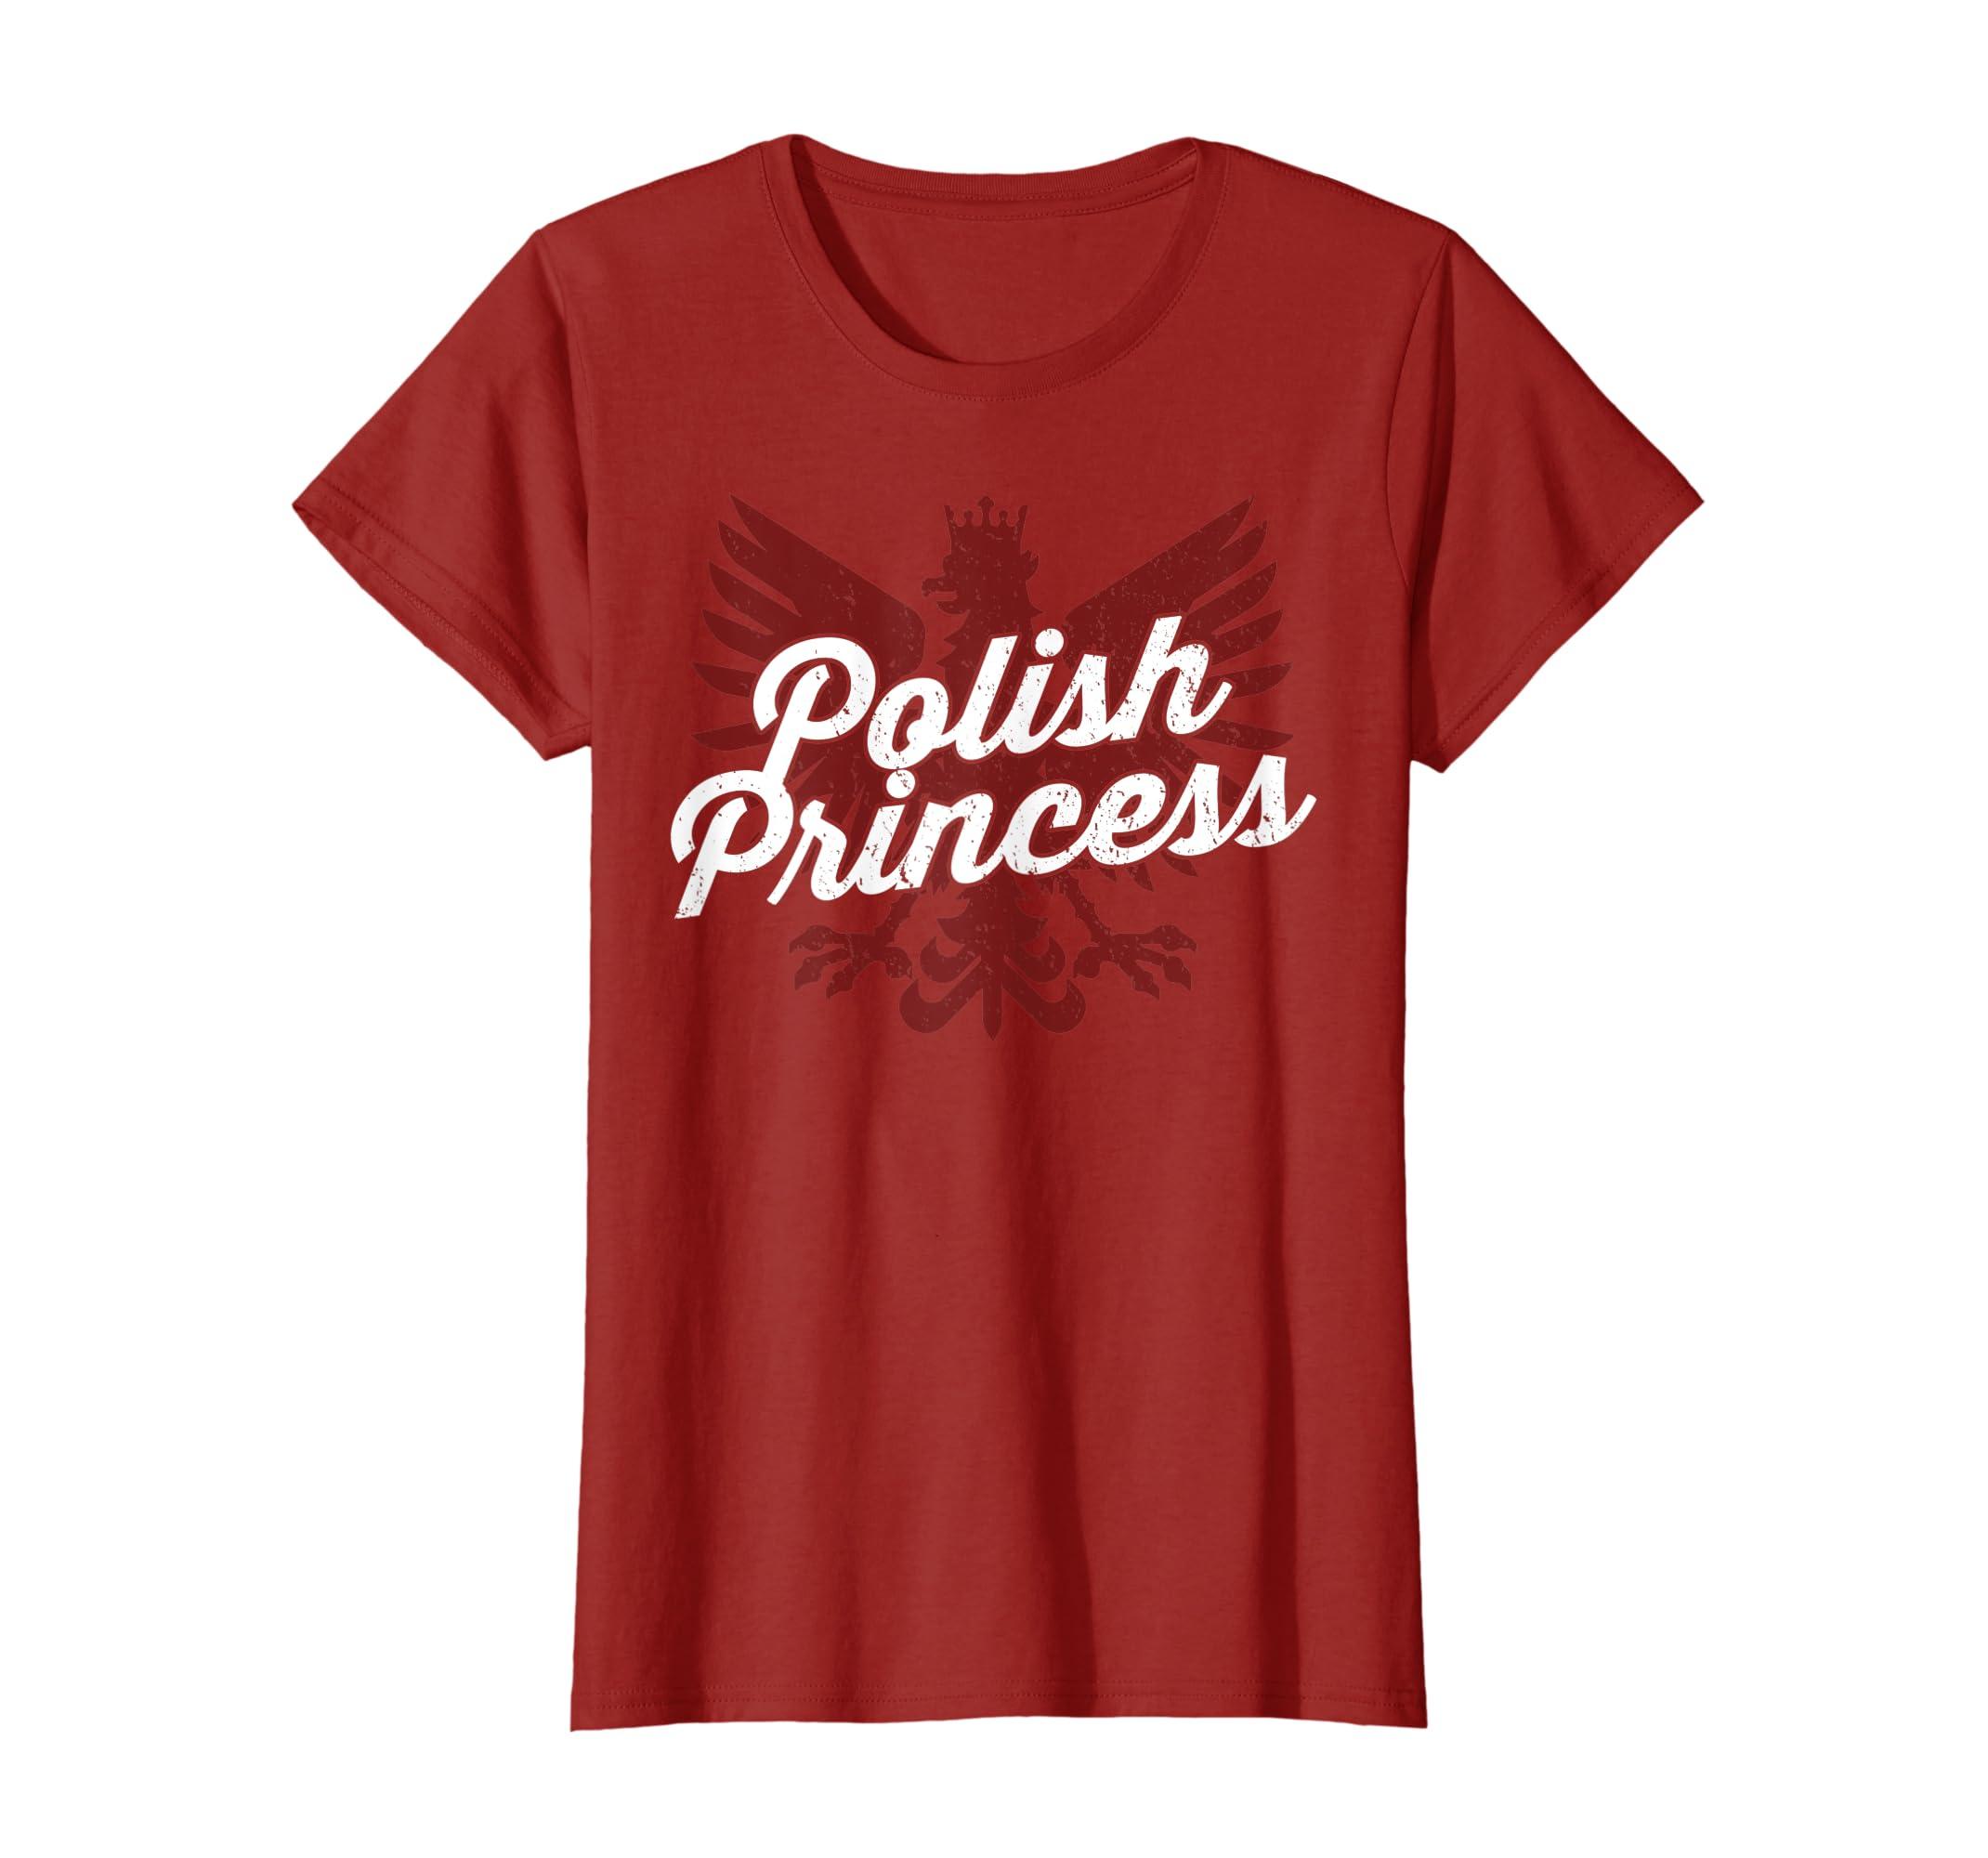 f7bef08cb Amazon.com: Womens Polish Princess Polska T-Shirt: Clothing